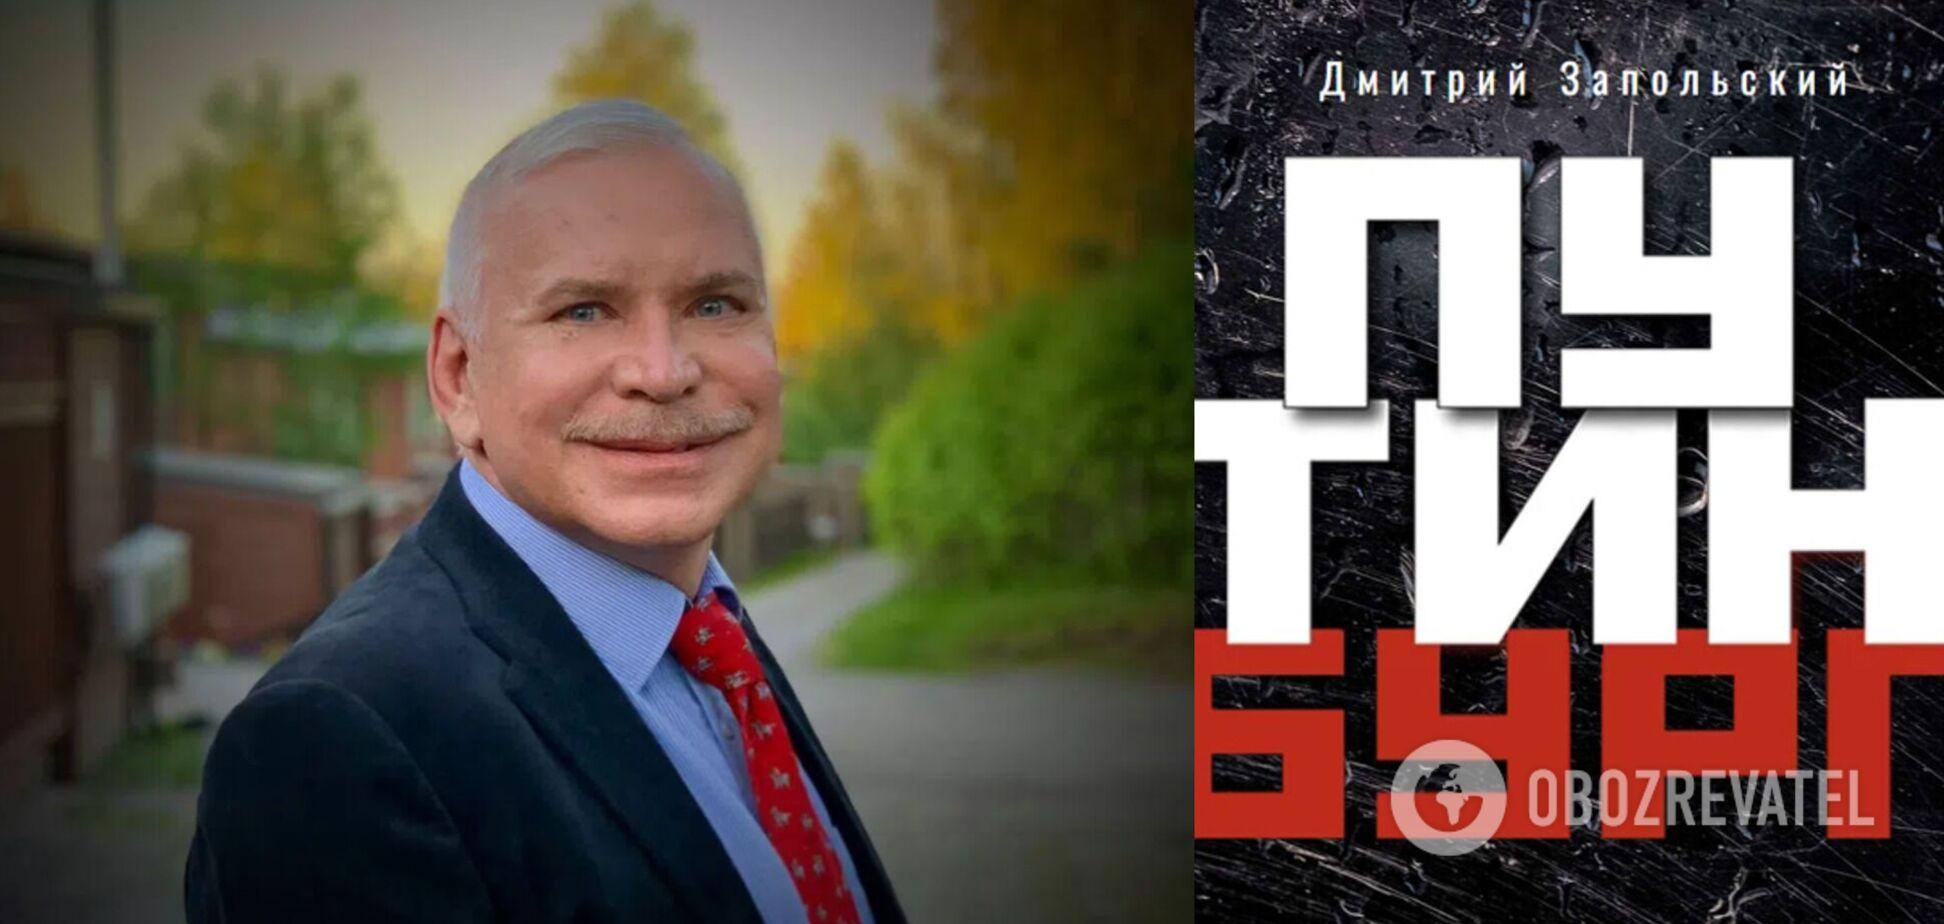 У Латвії помер відомий журналіст-розслідувач, який написав книгу про прихід до влади Путіна